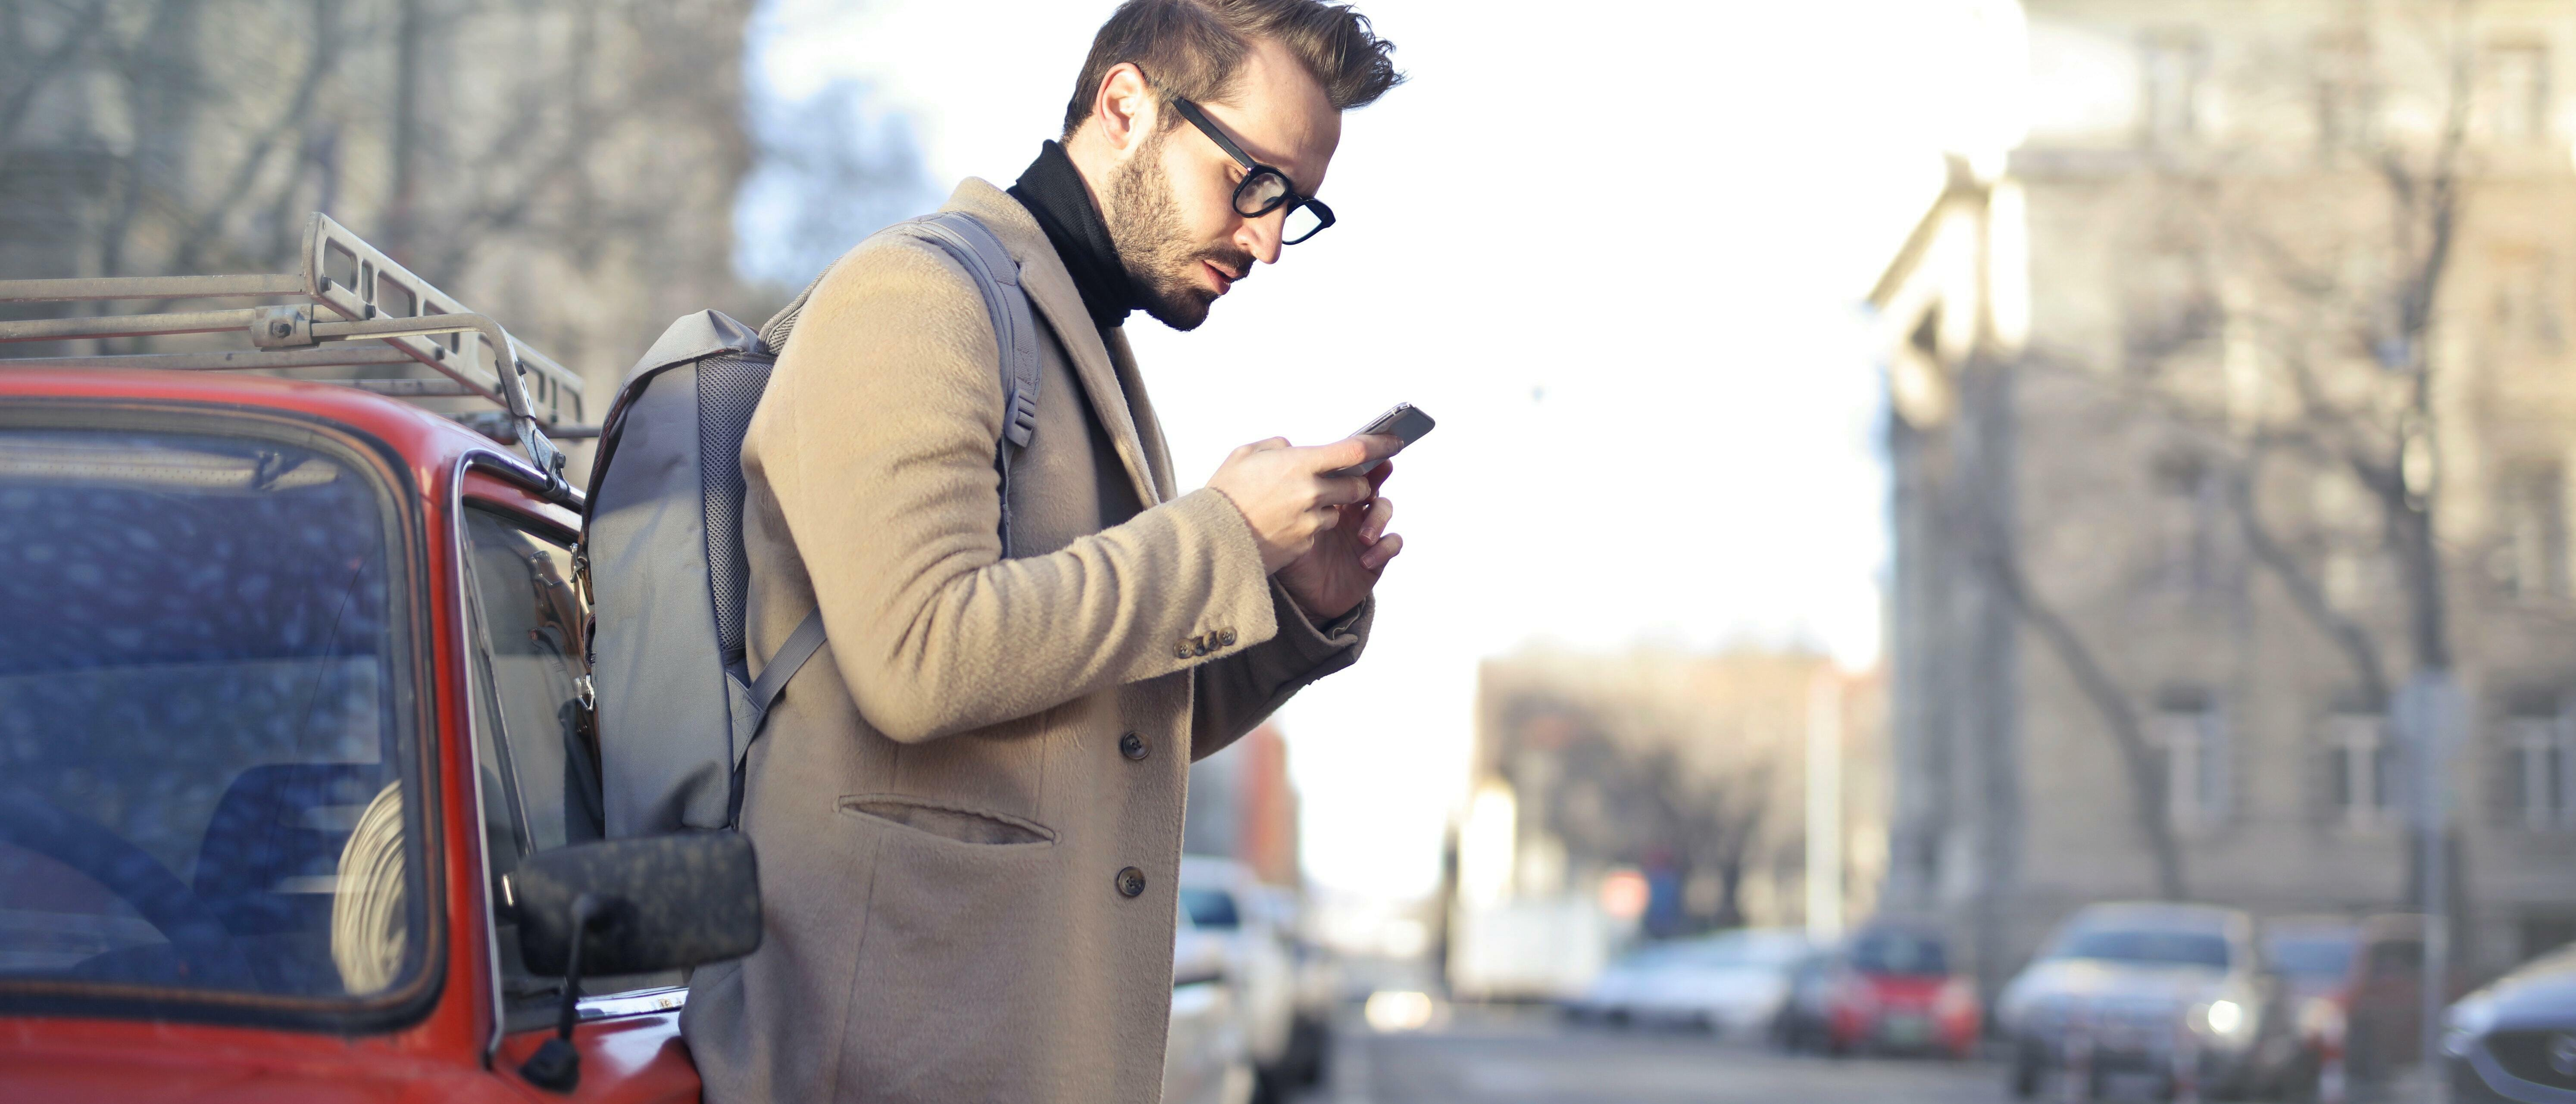 Bezahlen per o2 Handyrechnung: Drittanbieterdienste selbst verwalten oder sperren